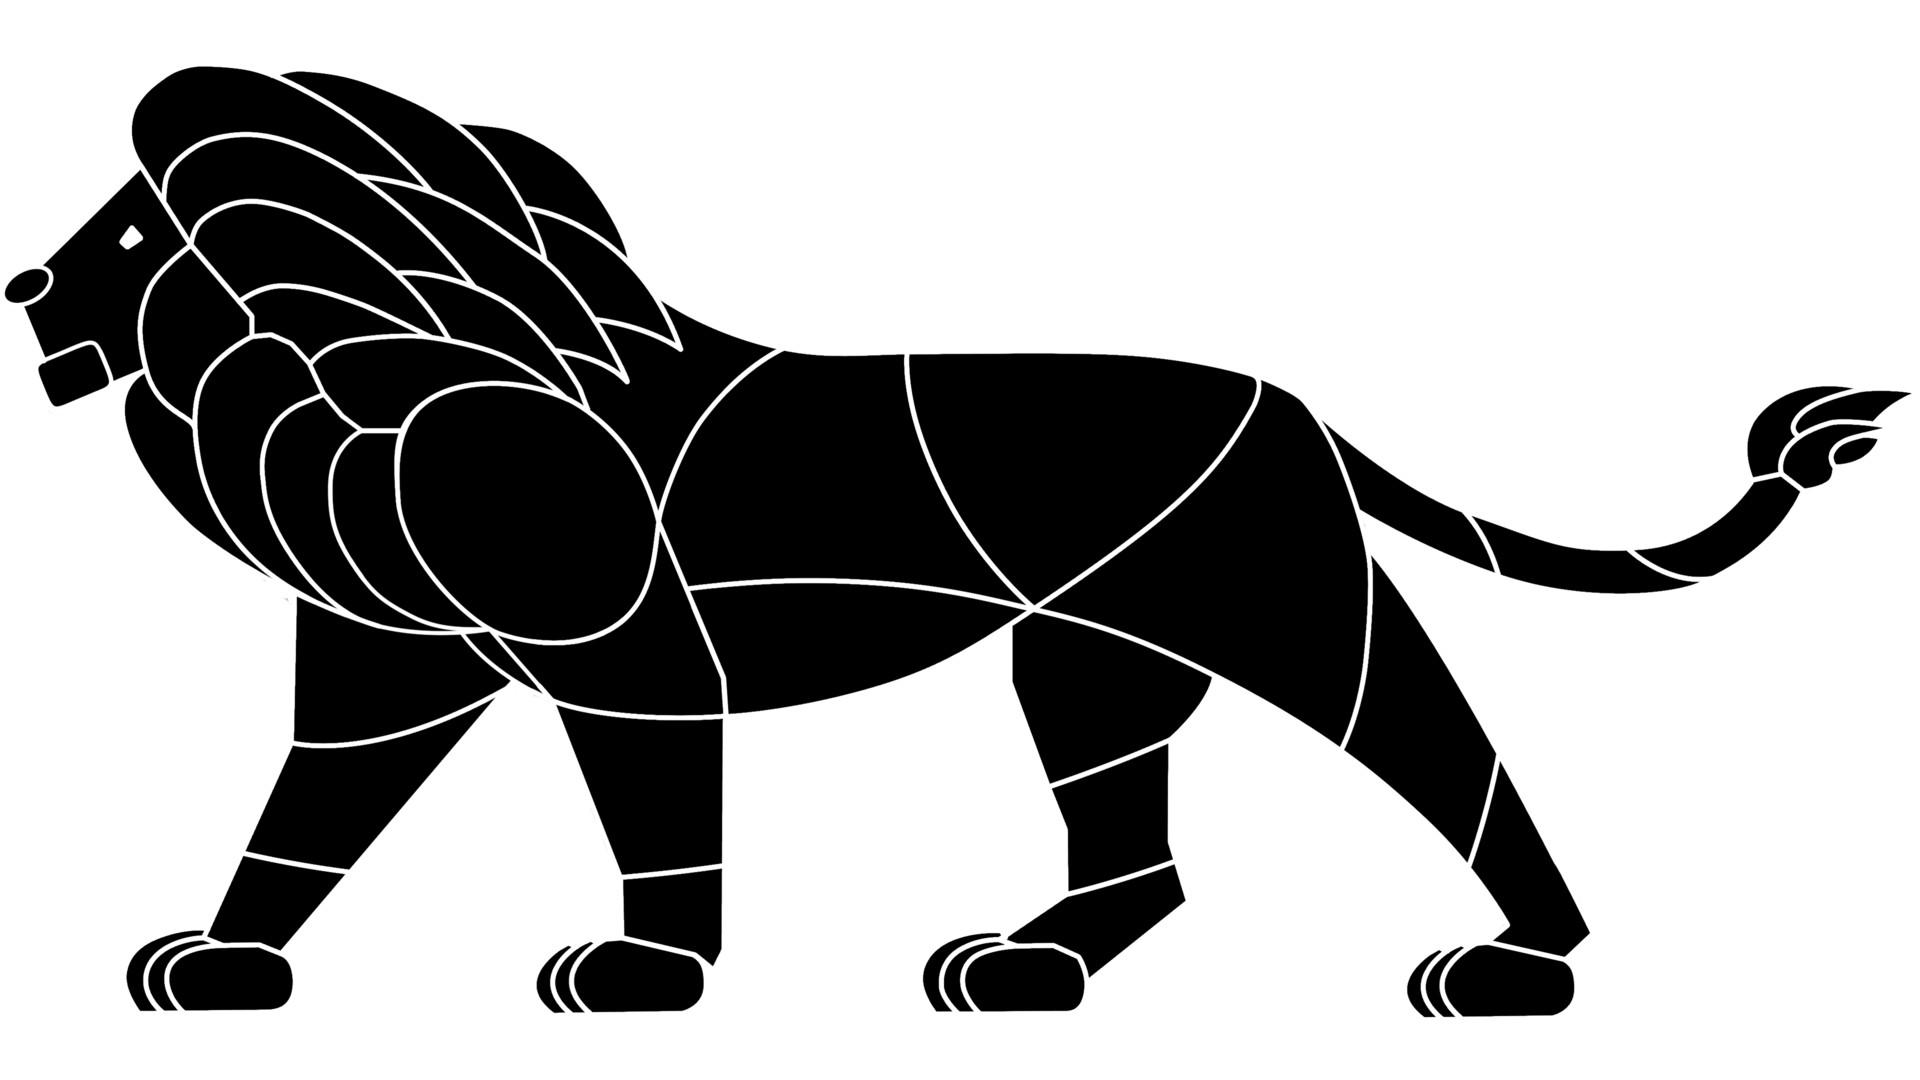 daniel staal lion logo